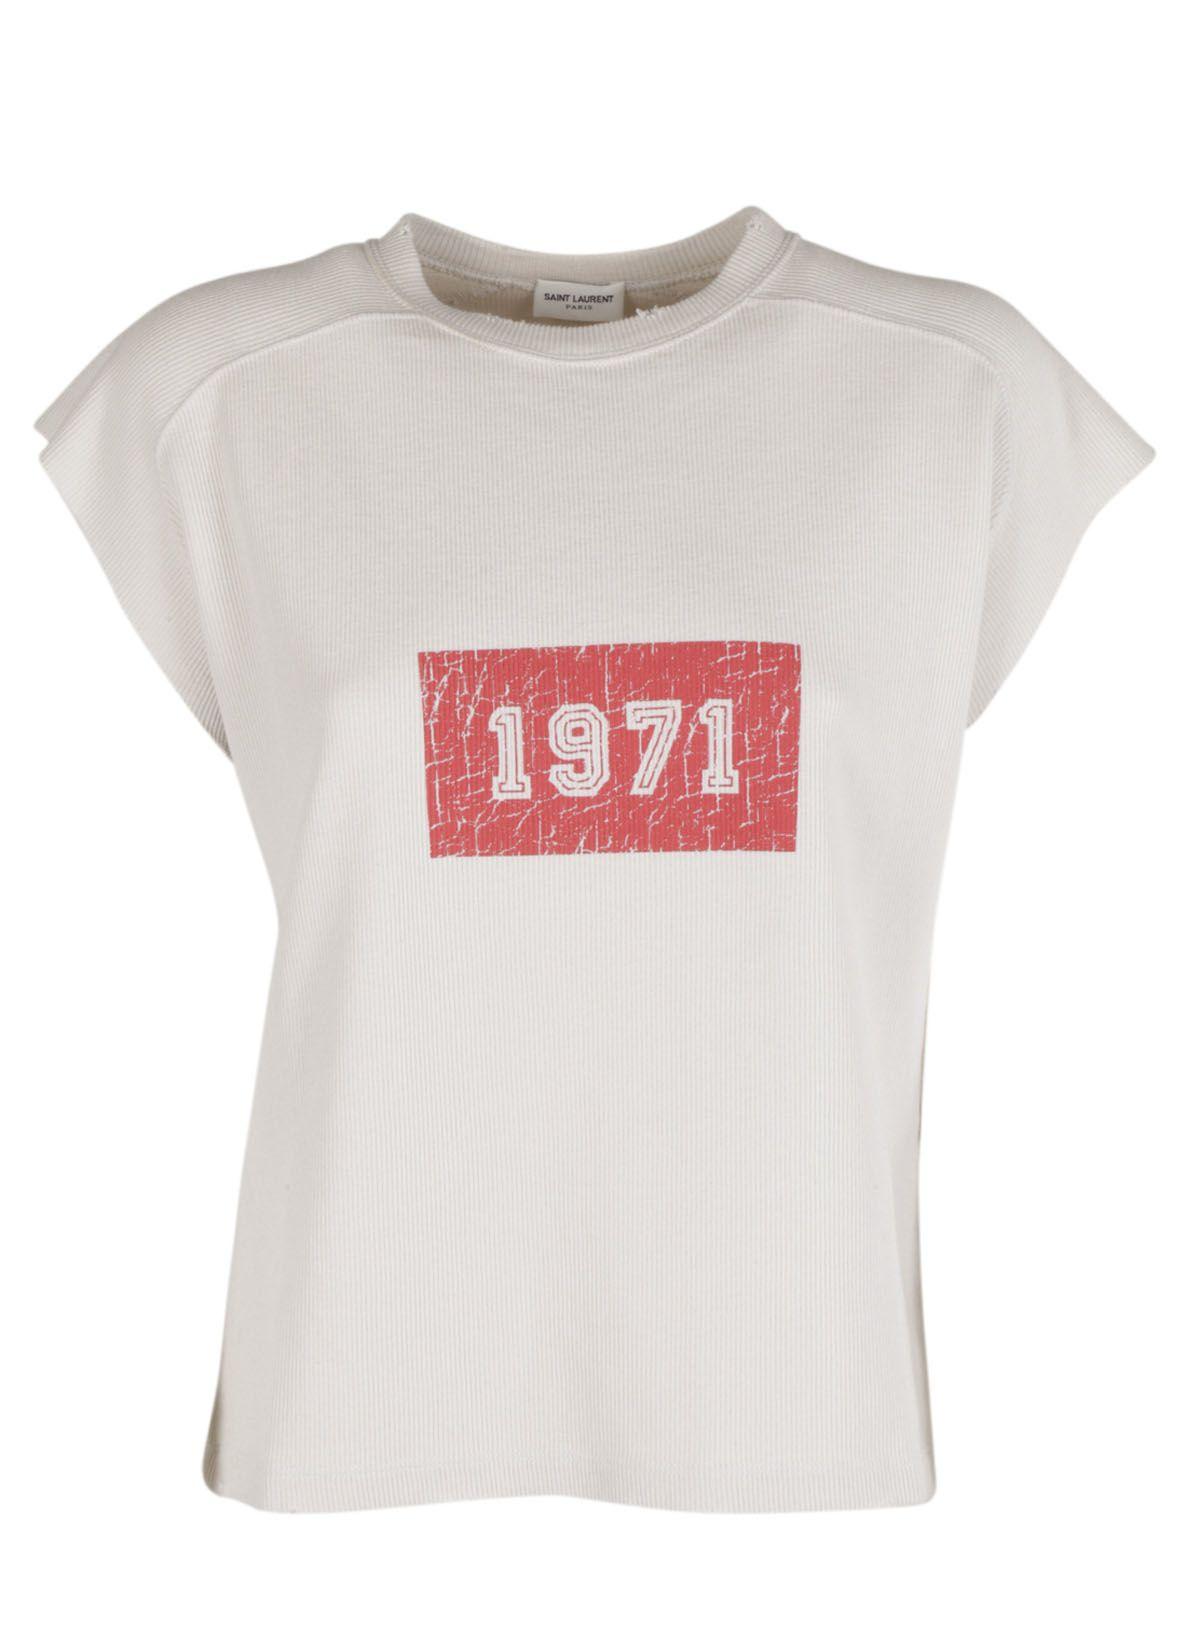 Saint Laurent 1971 T-shirt